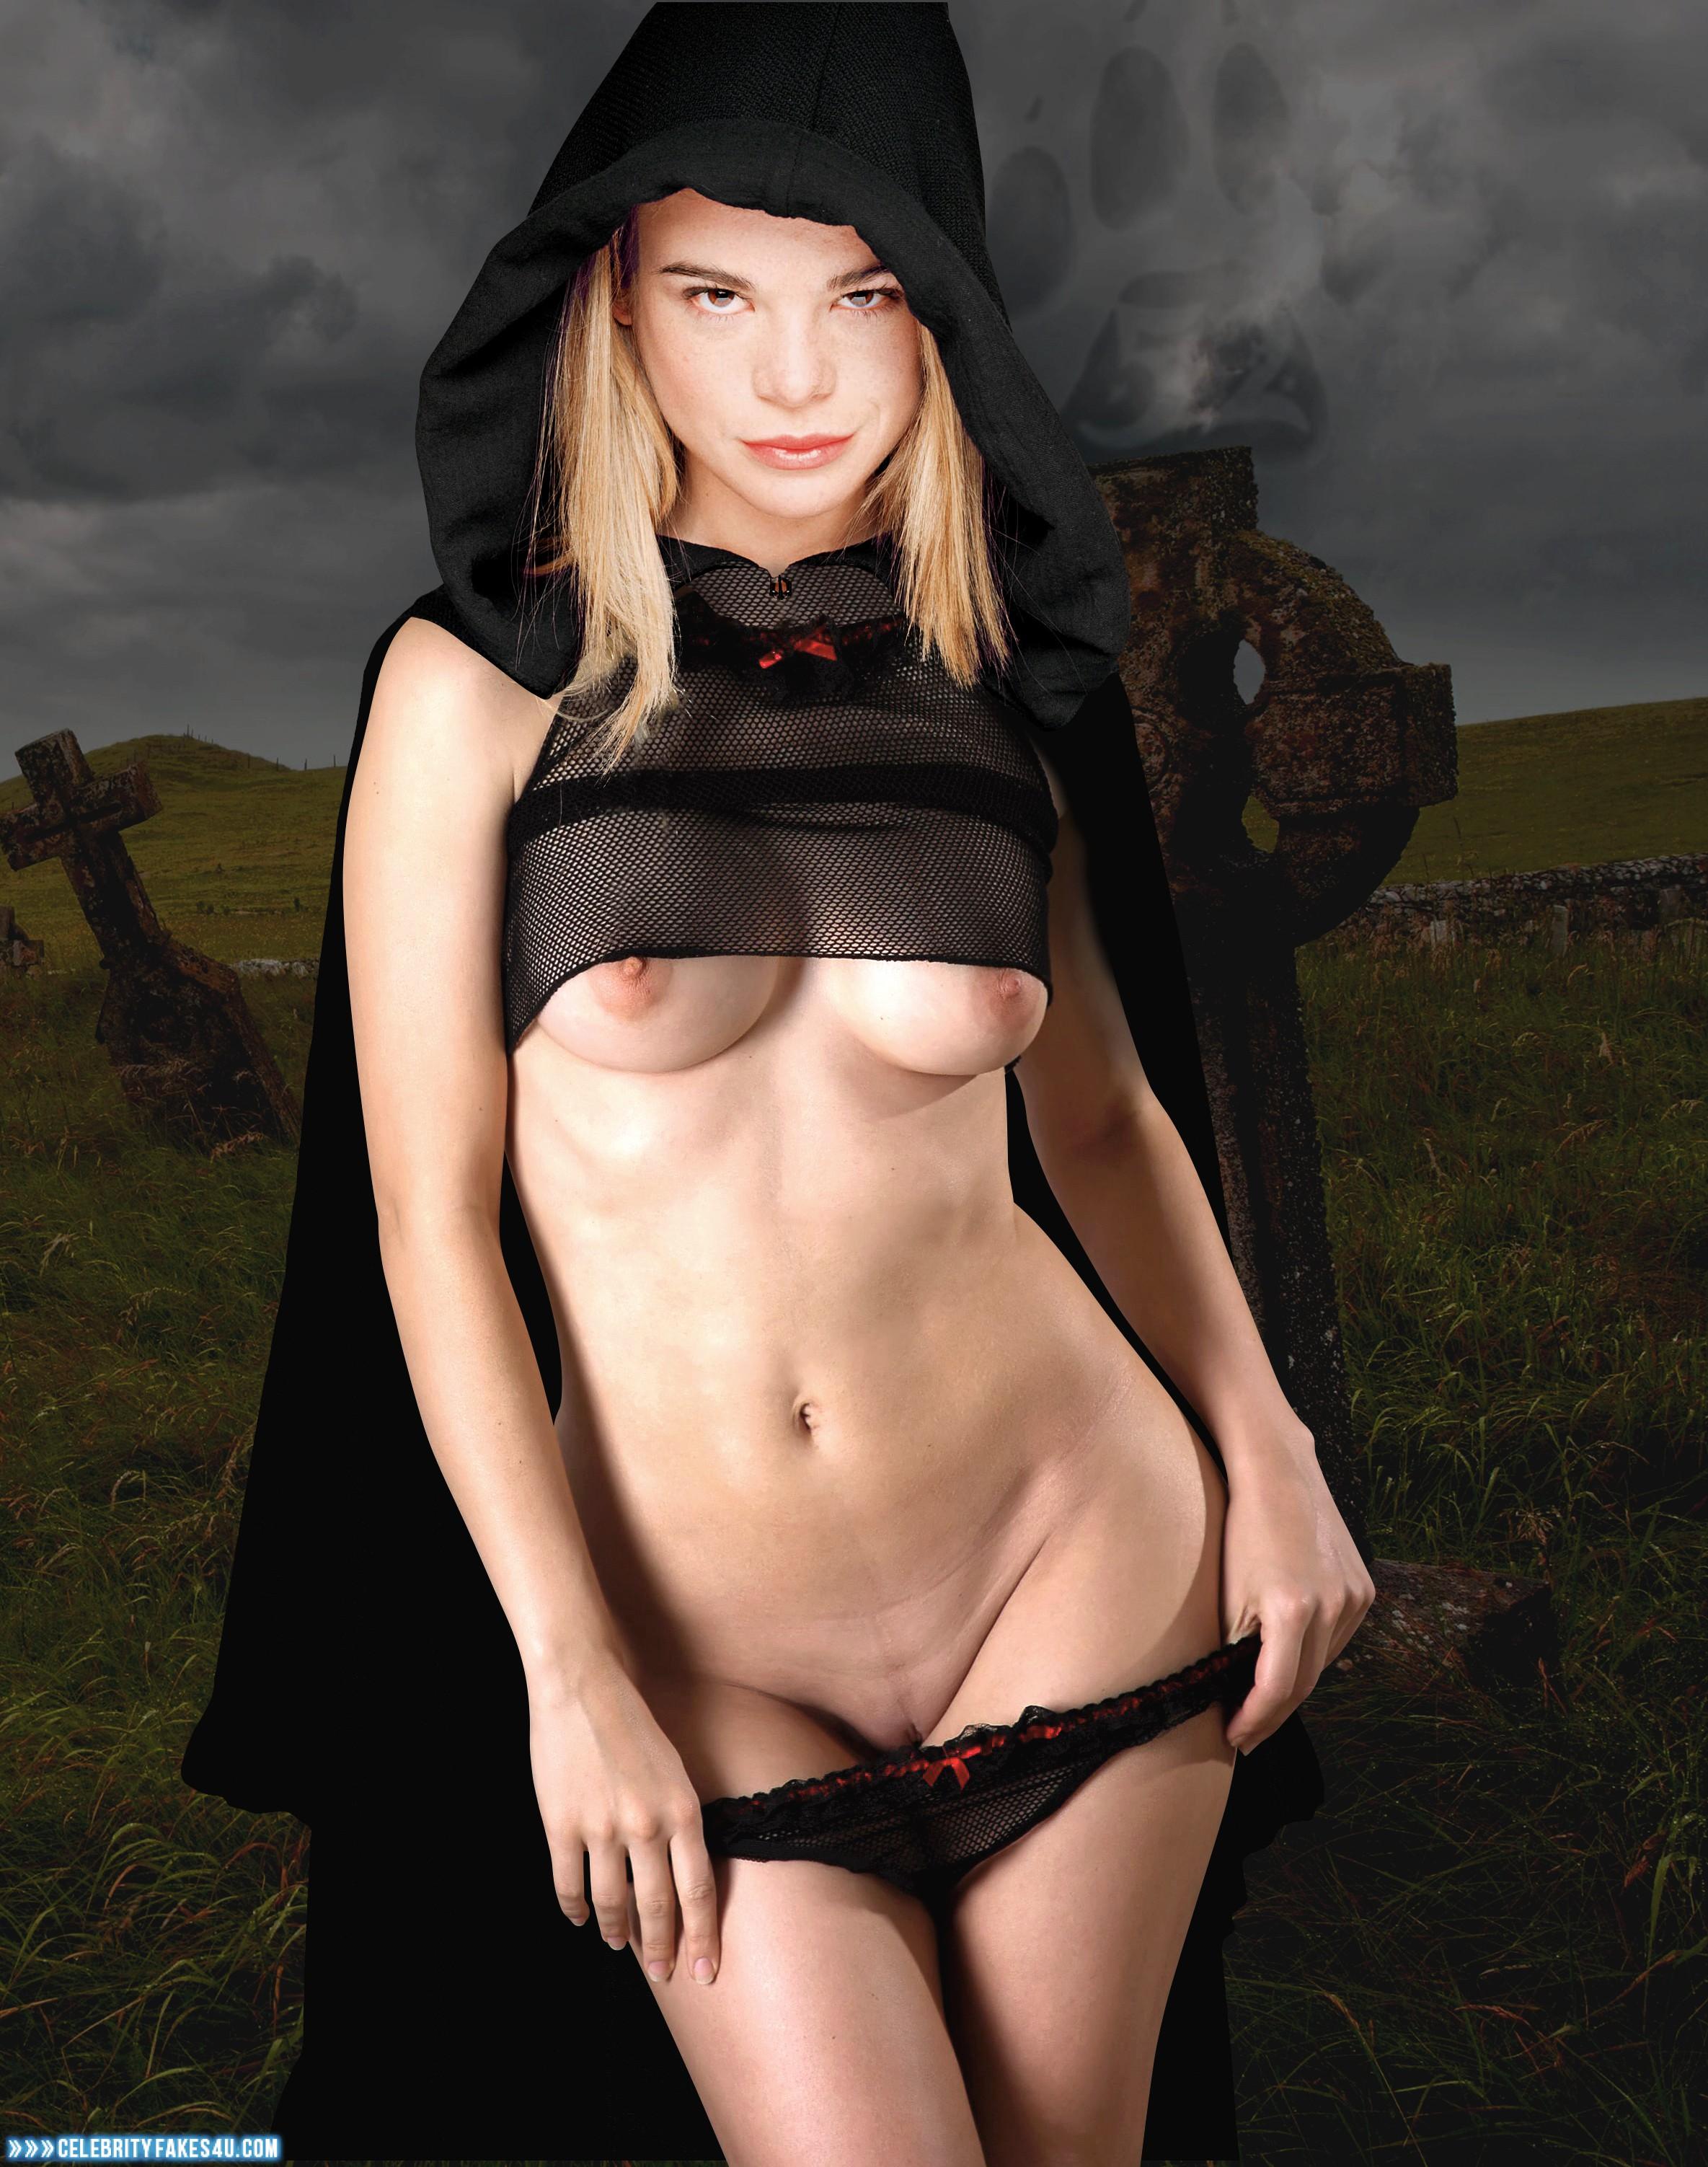 from Cristian ellen muth nude scene